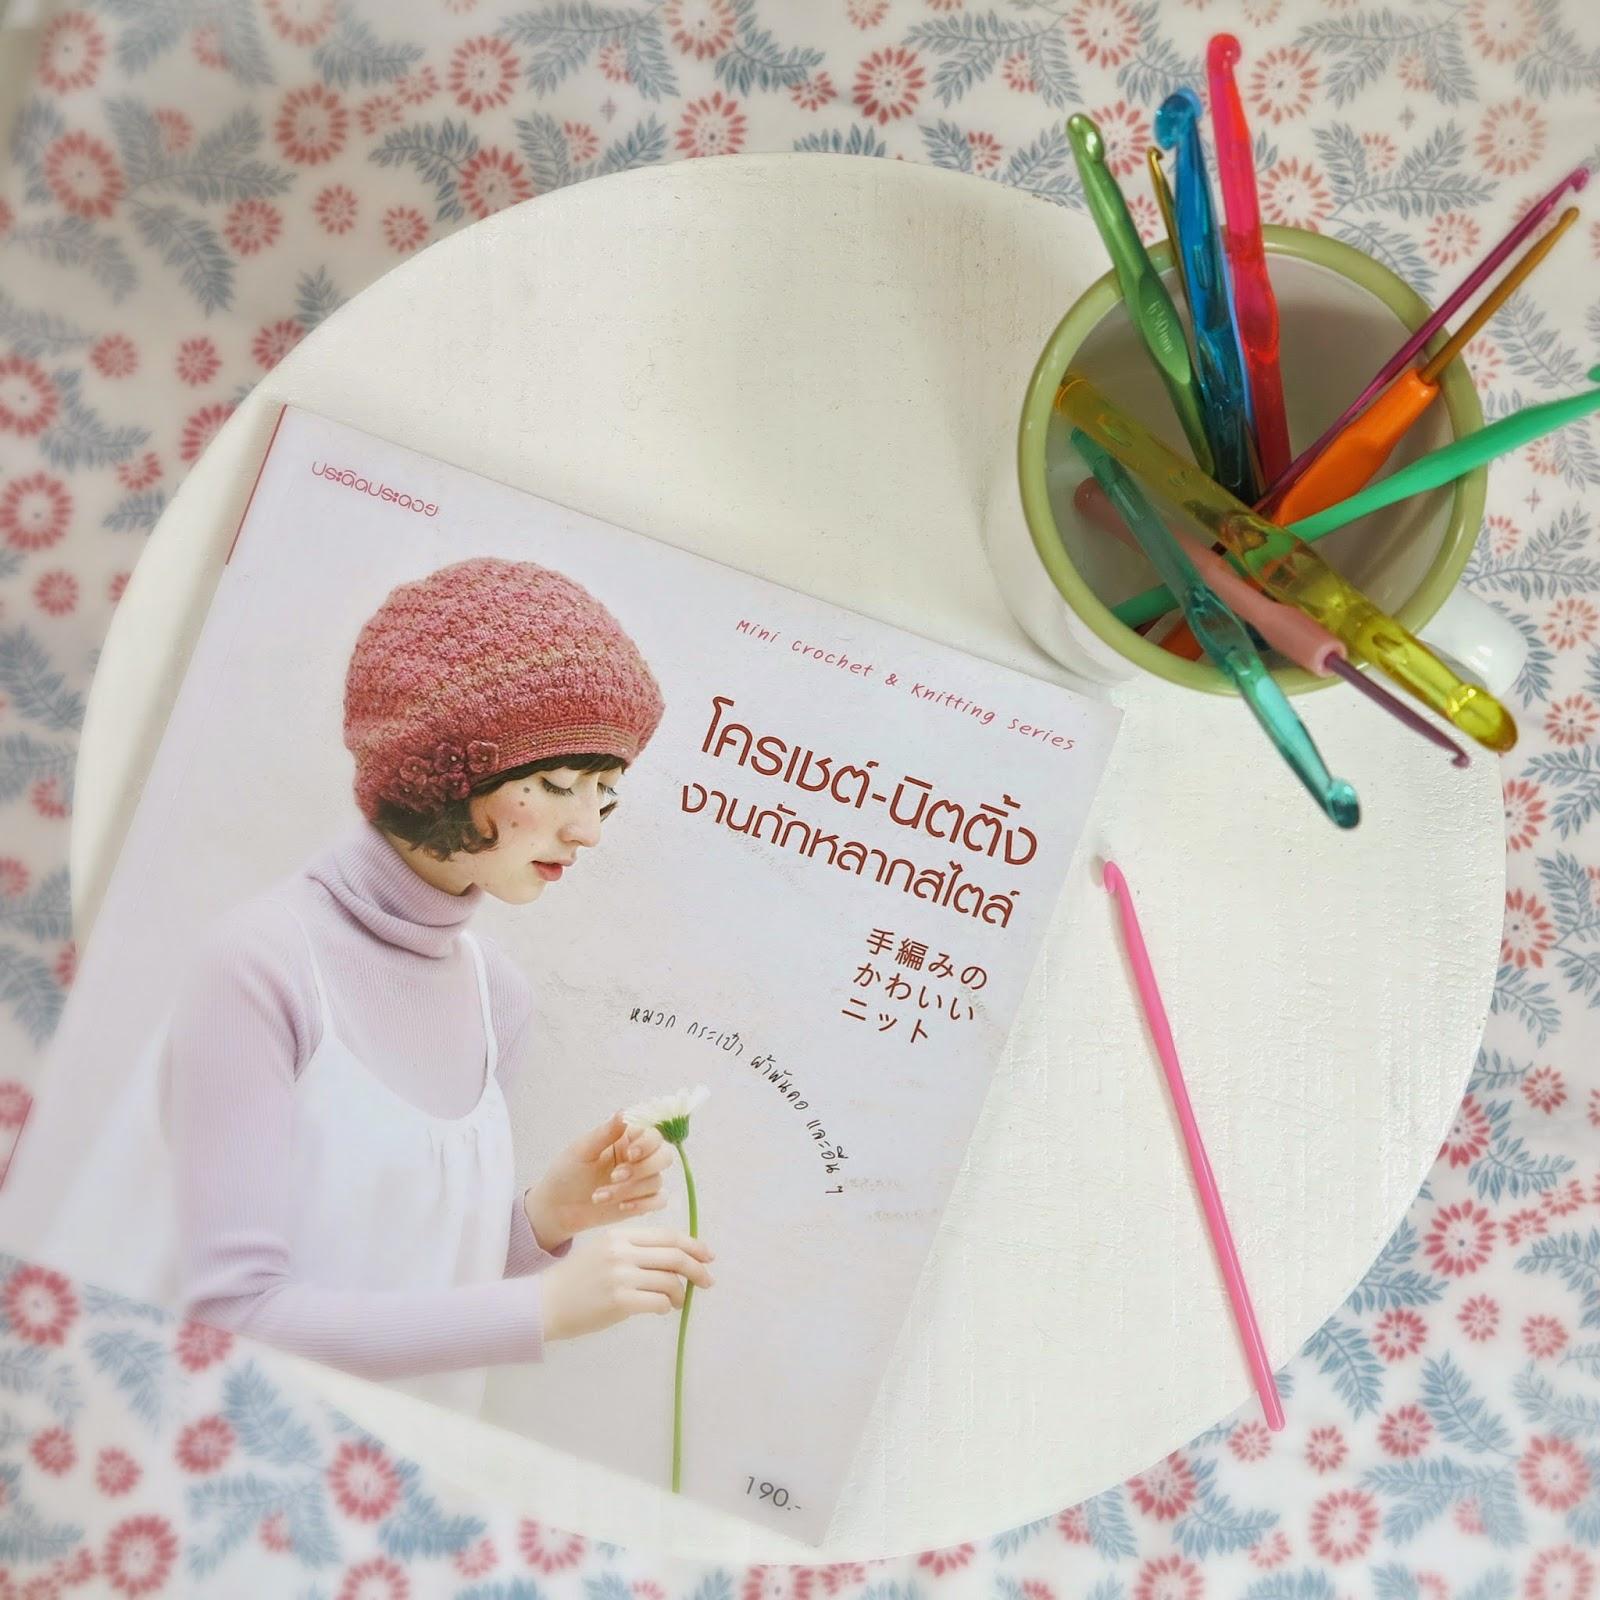 ByHaafner, Japanese crochet book, crochet hooks